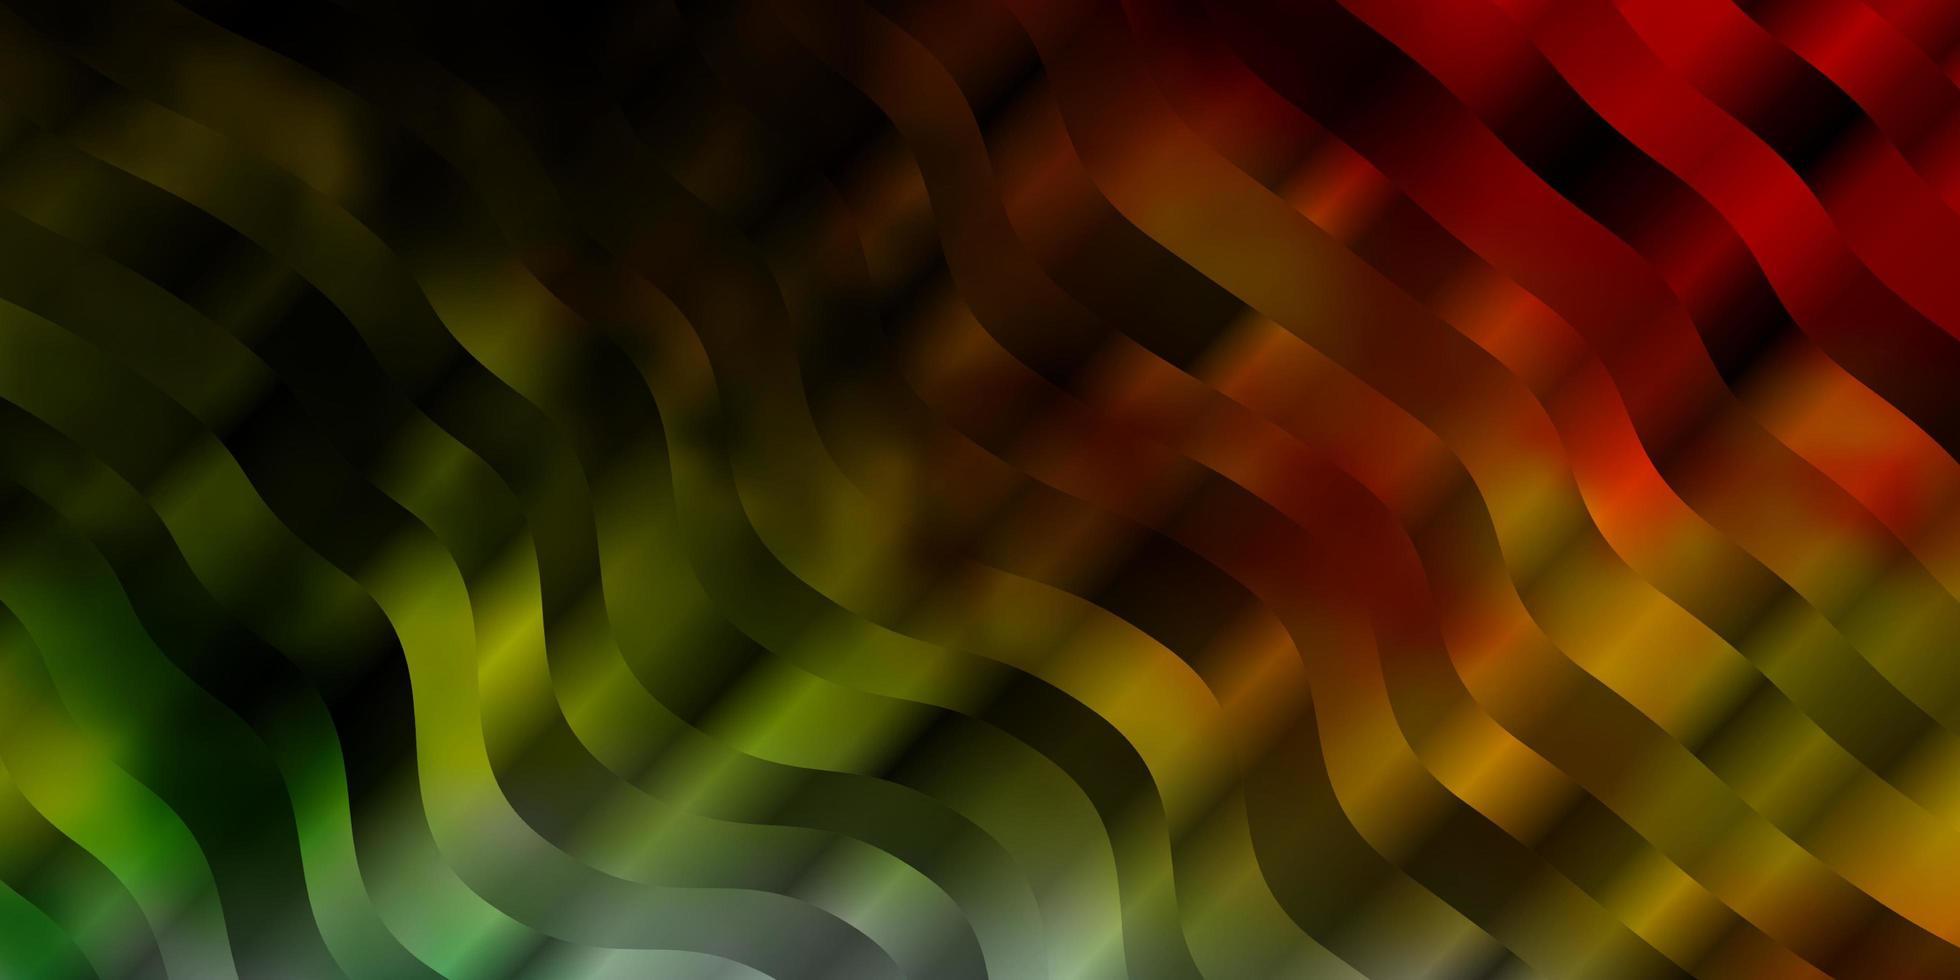 patrón rojo y verde con líneas torcidas. vector